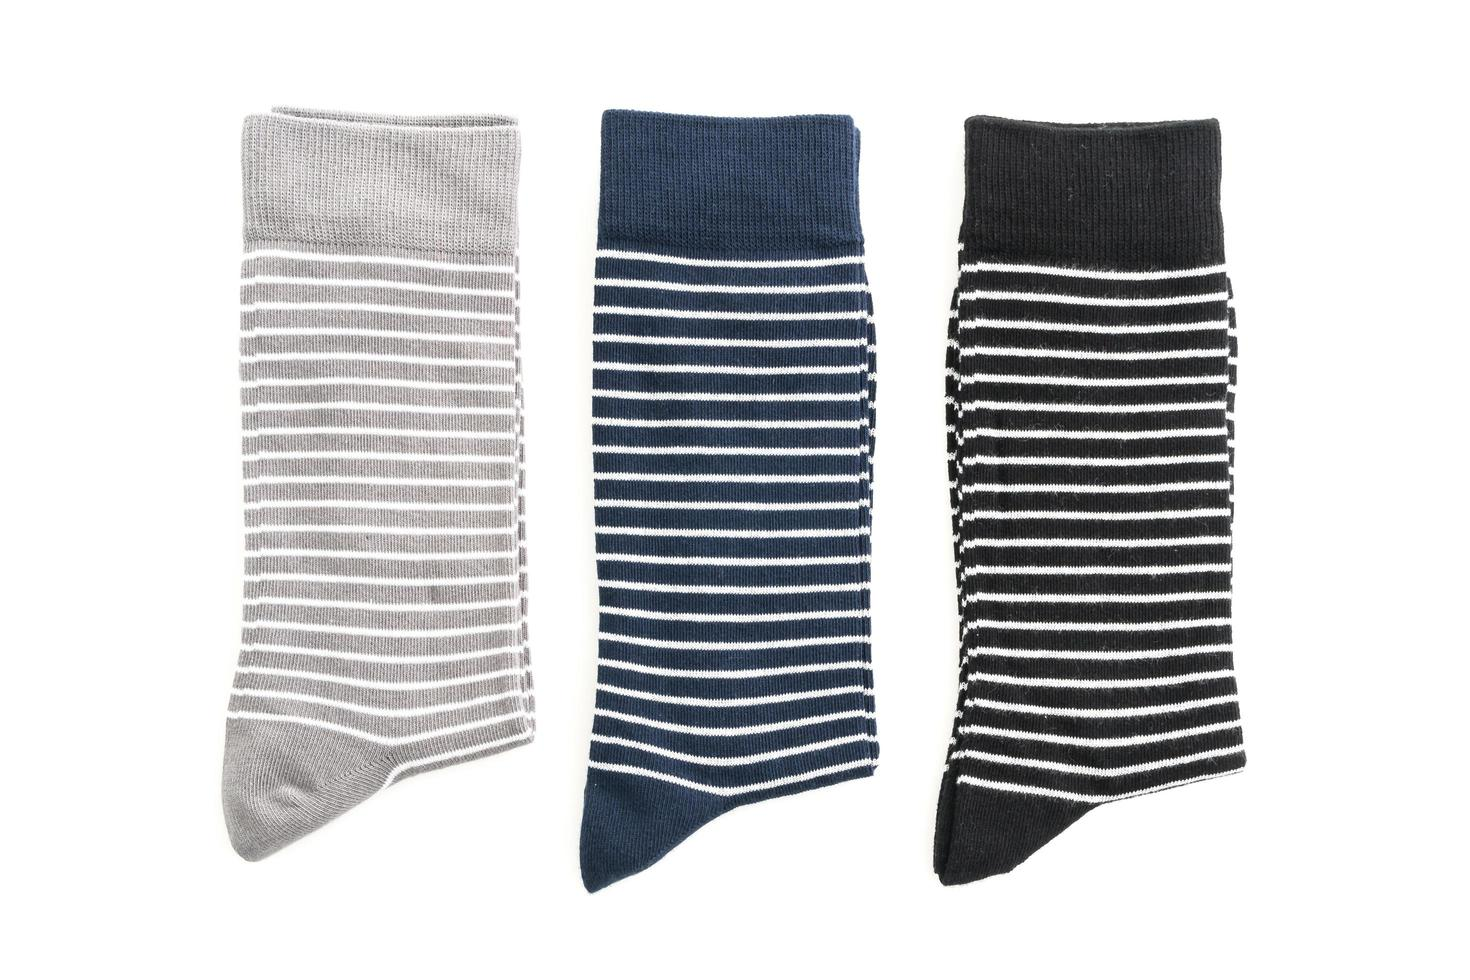 calcetines sobre fondo blanco foto